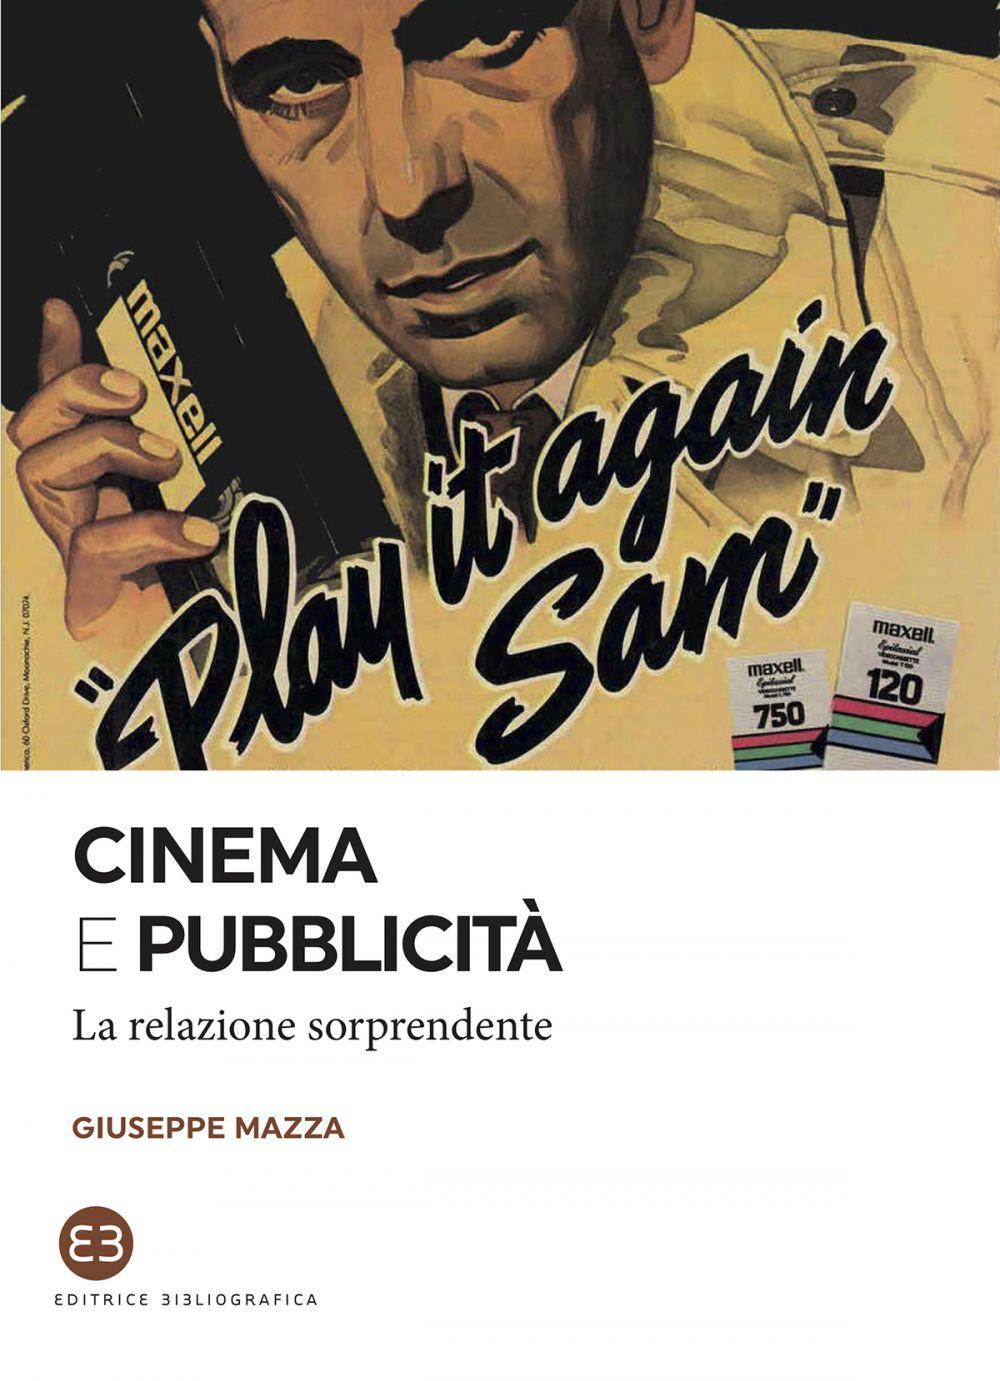 Cinema e pubblicità